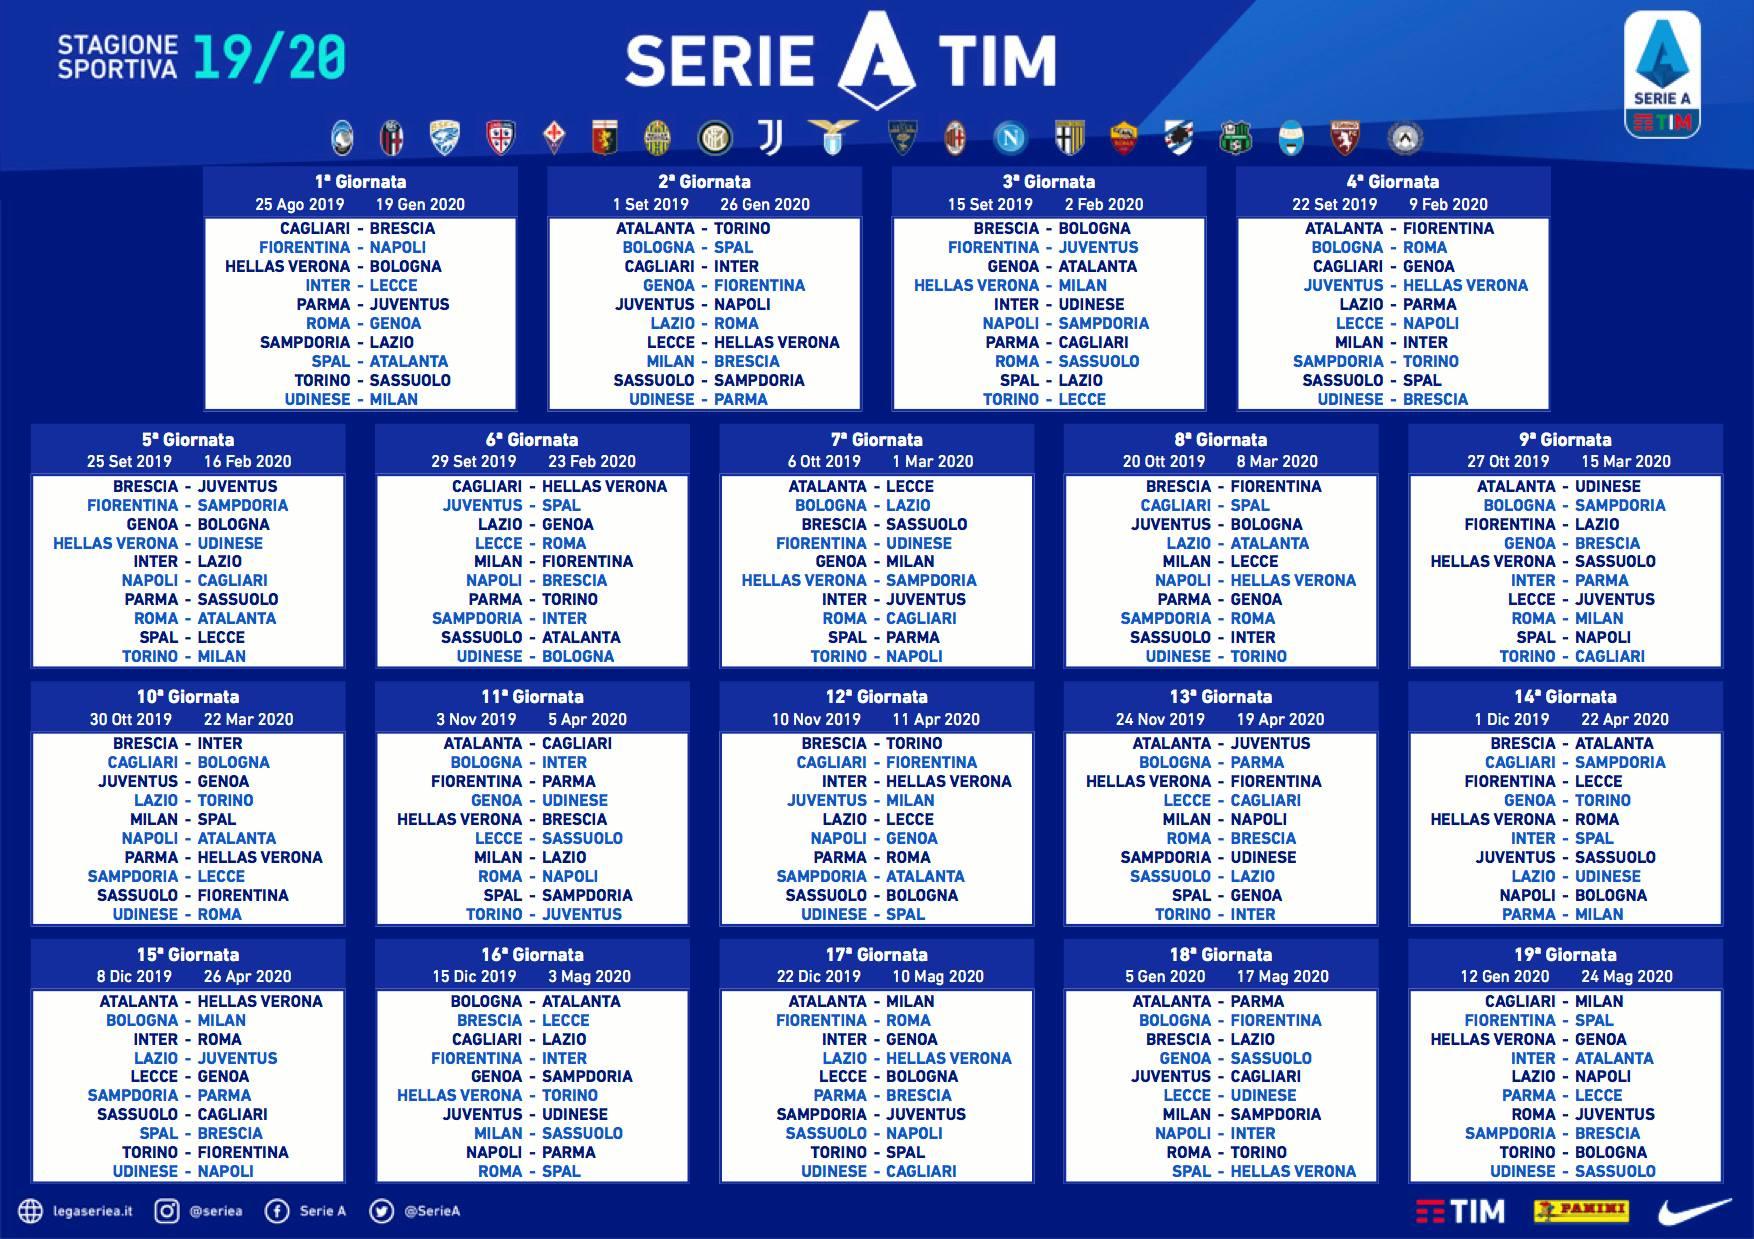 Calendario 2020 Settimanale Da Stampare.Calendario Serie A 2019 2020 Tutte Le Partite Date Andata